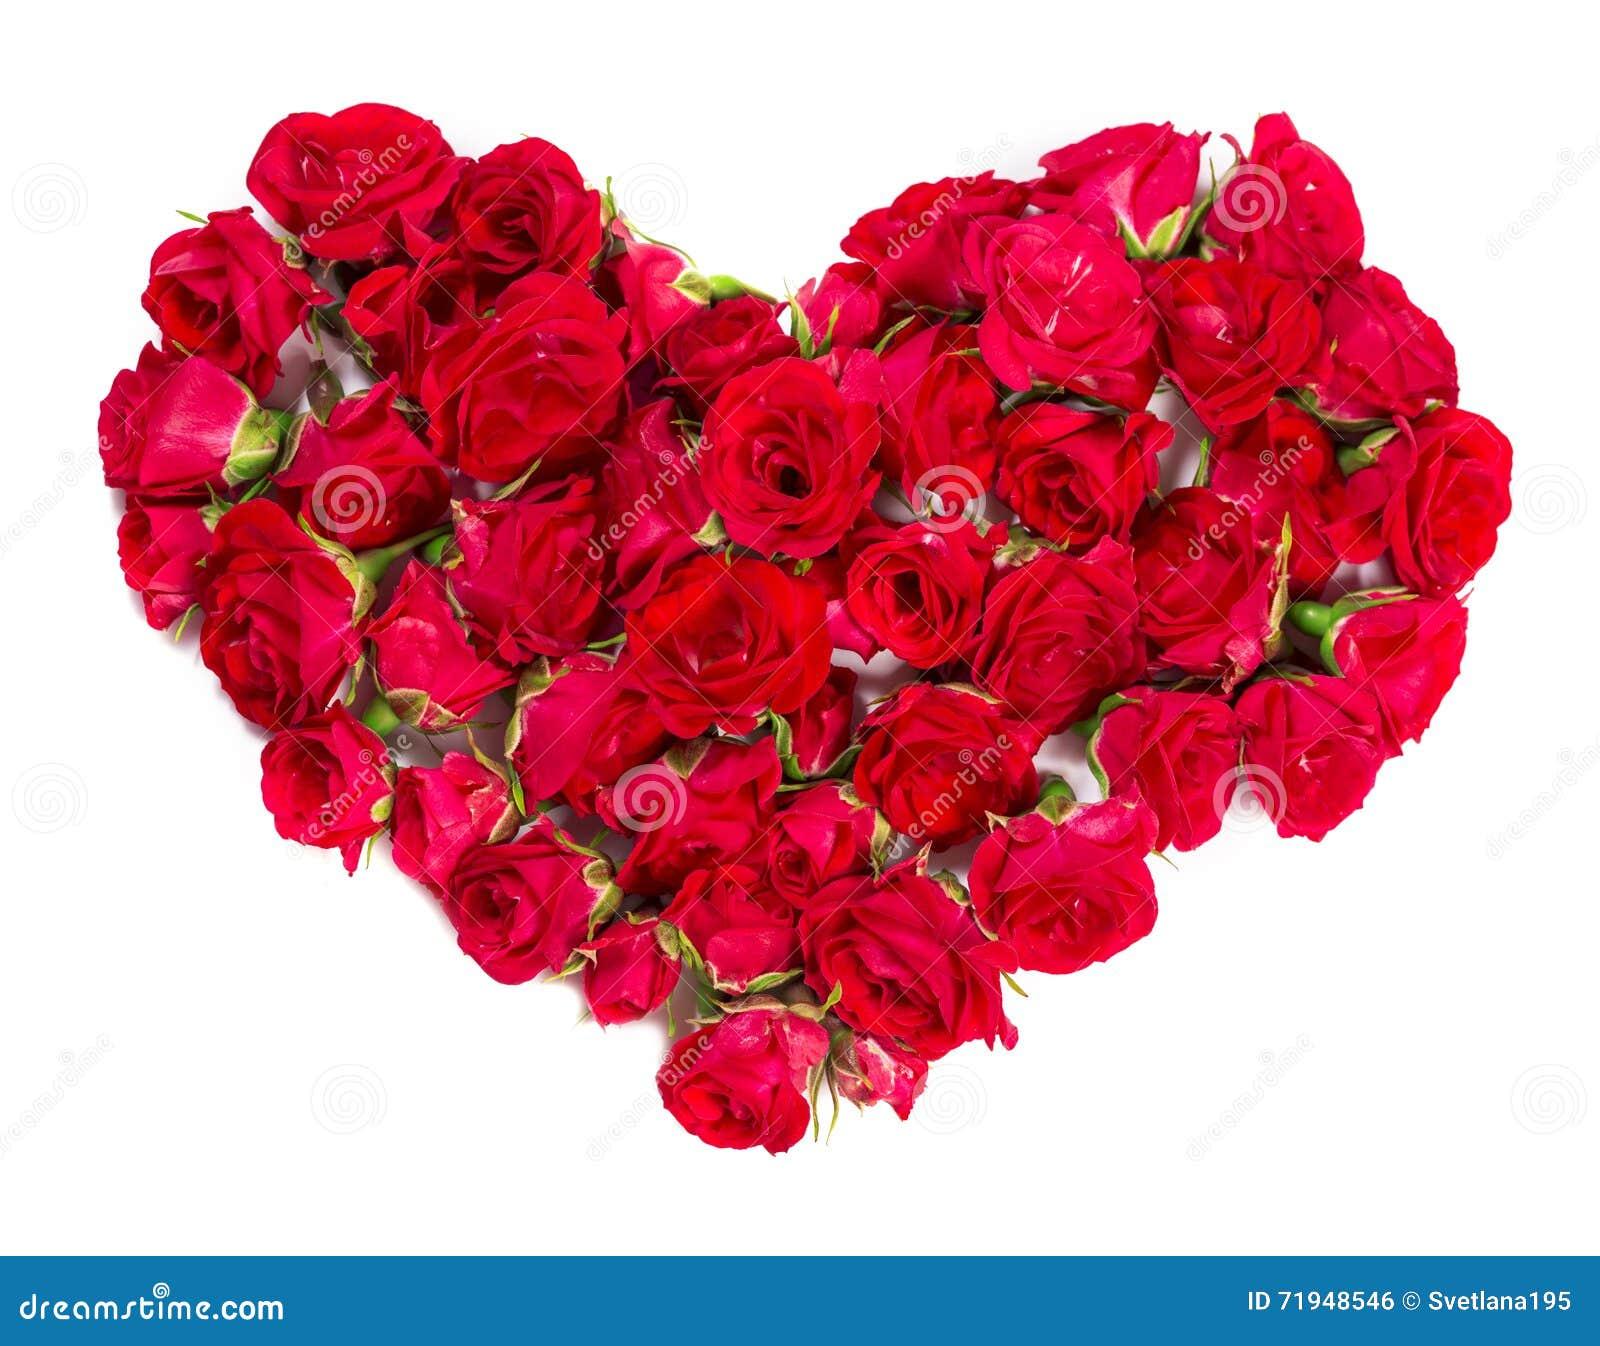 Букет роз аранжированных, что сформировать элемент сердца или дизайна для флористических тем